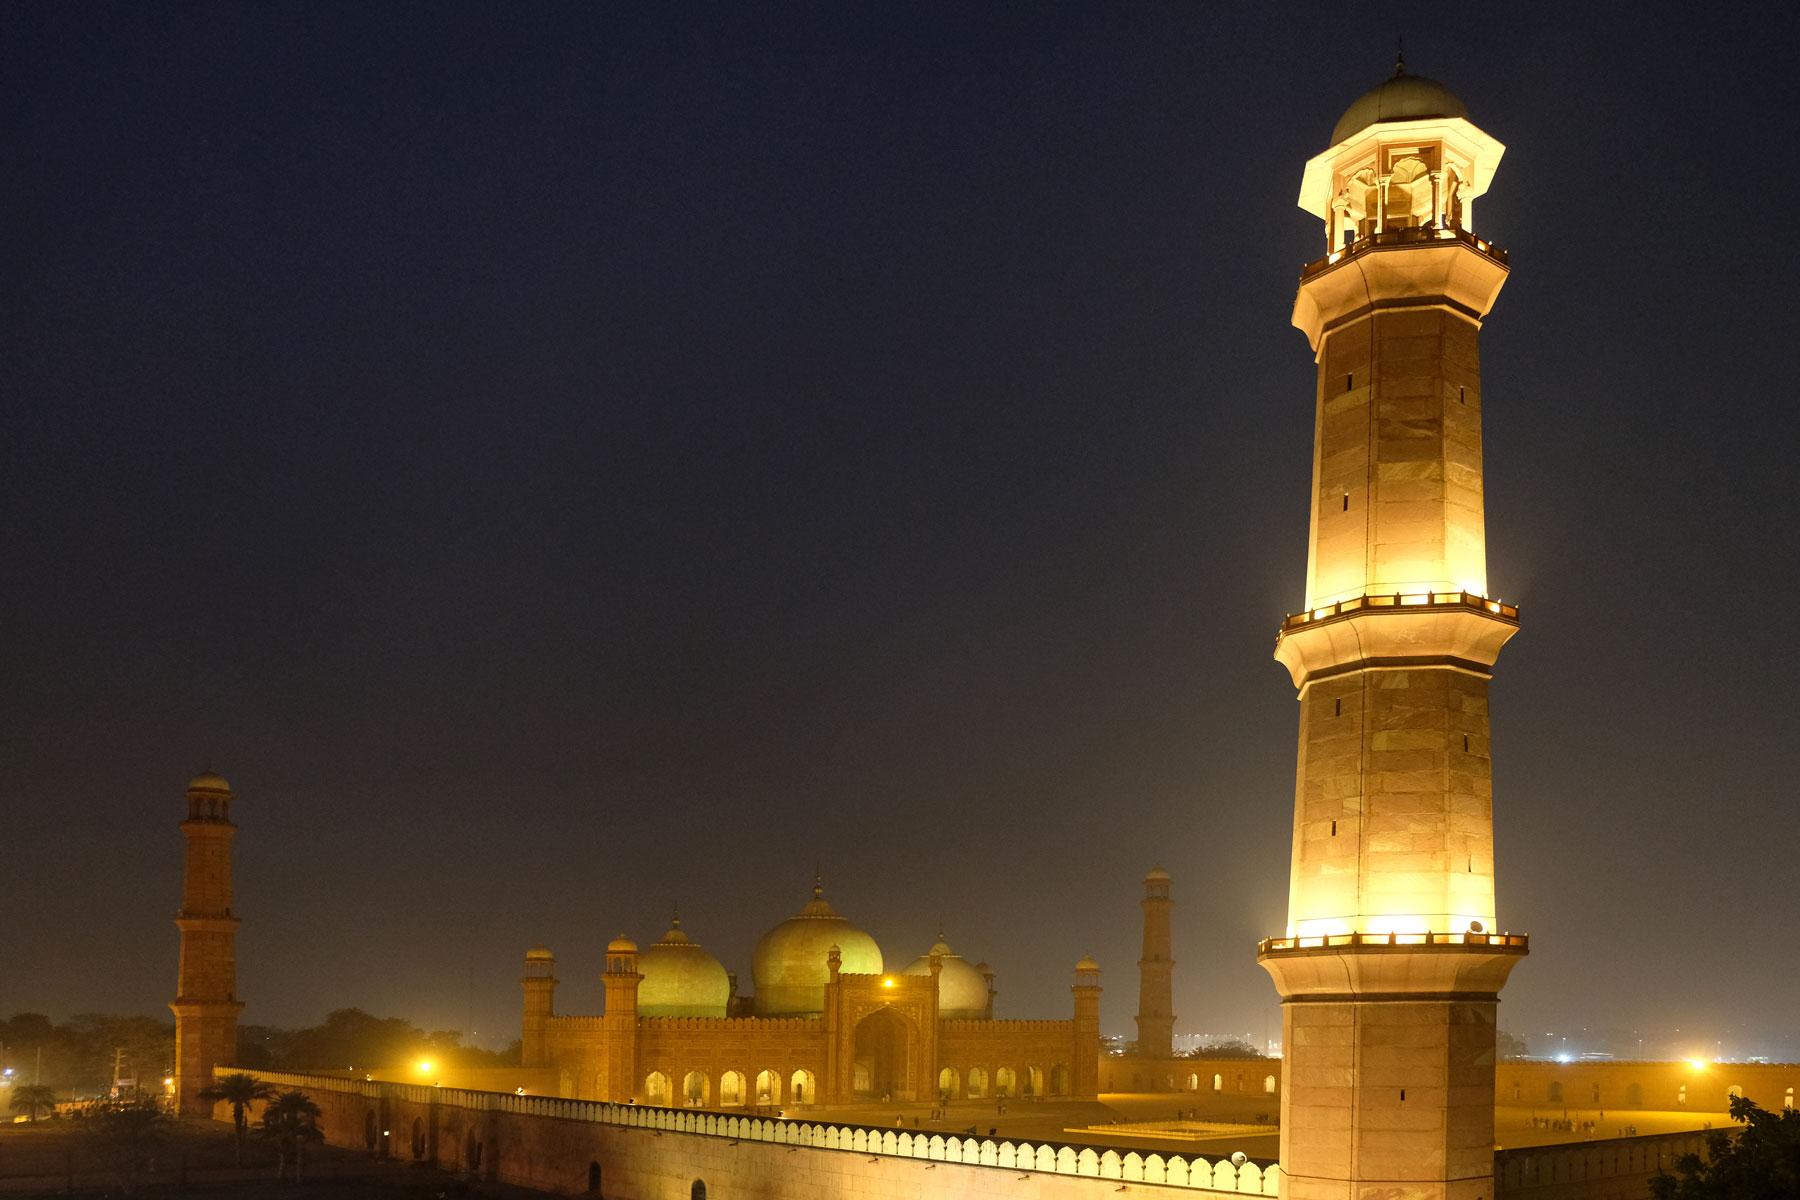 Badshahi-Moschee in Lahore bei Nacht.